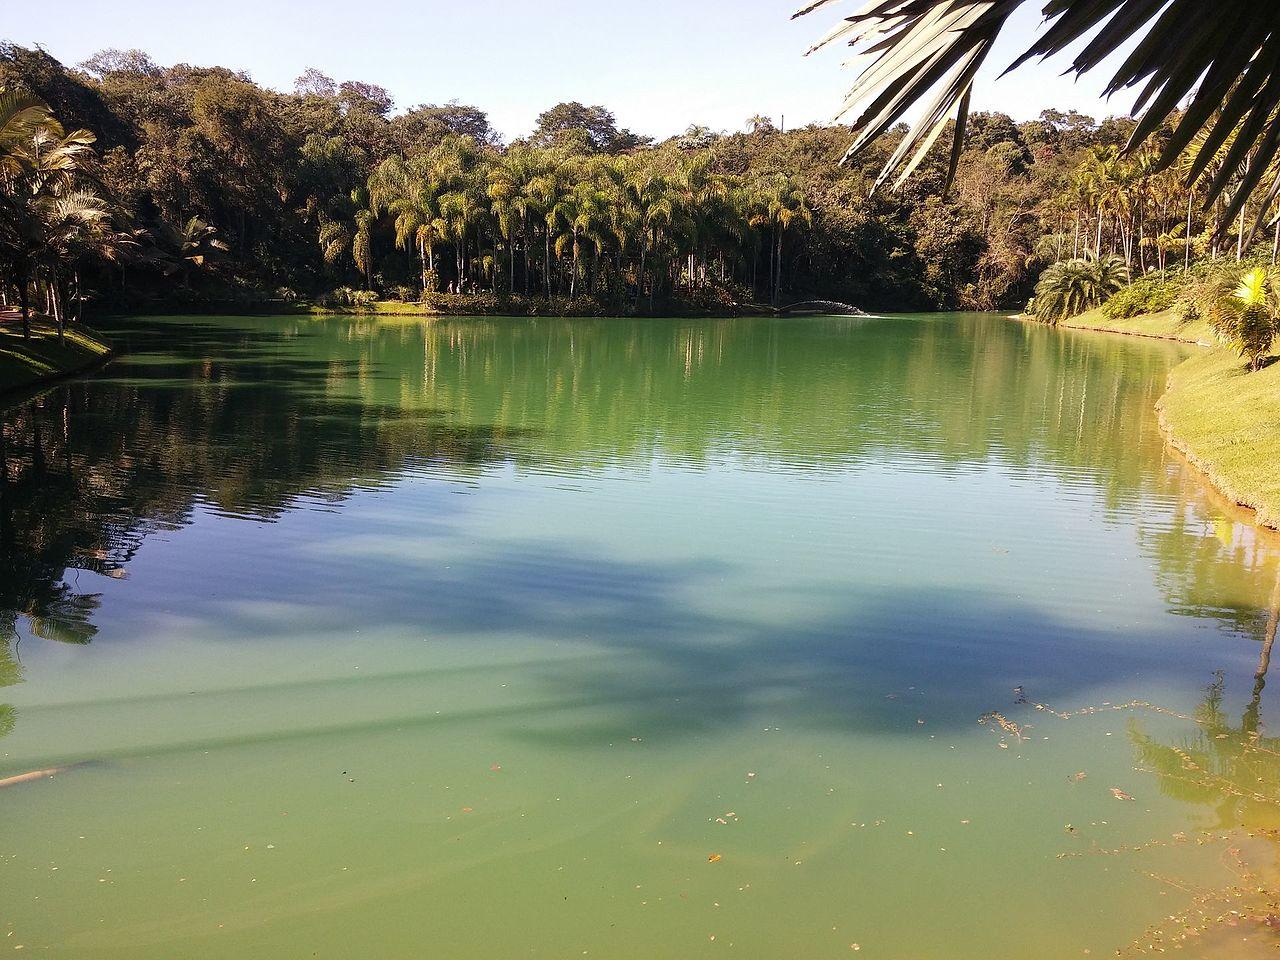 Lagoa do Parque do Inhotim - Brumadinho